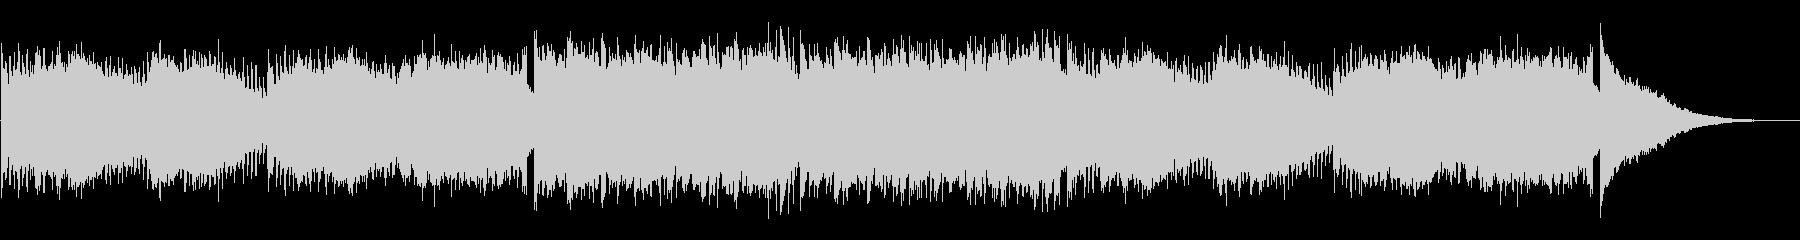 Ending / Painful Acoustic Pops's unreproduced waveform